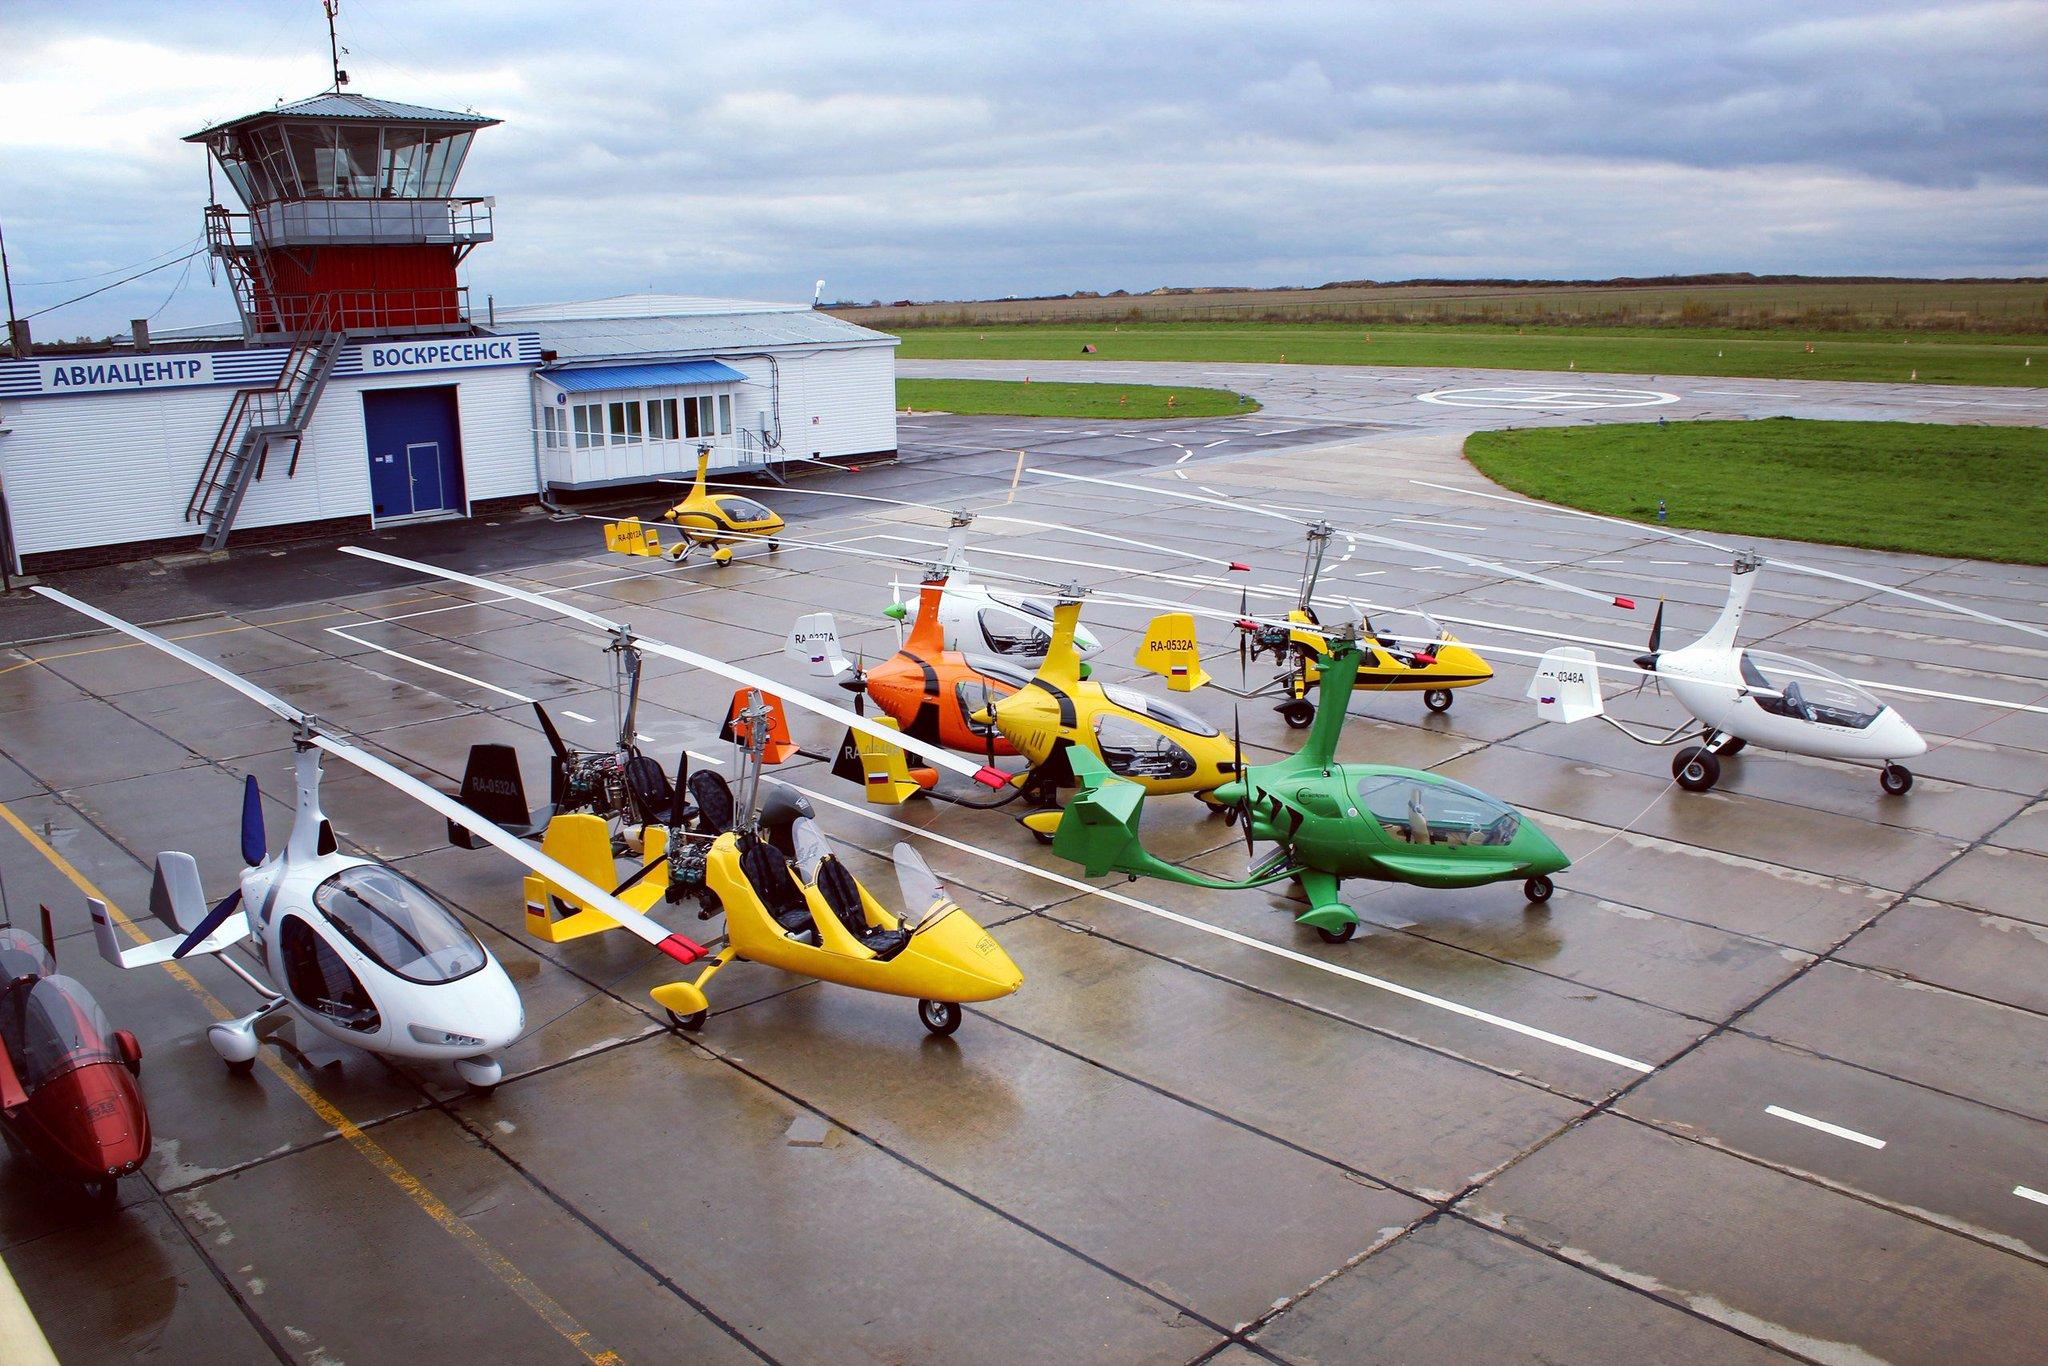 авиацентр воскресенск спортивный самолет фото часто бывают туристы